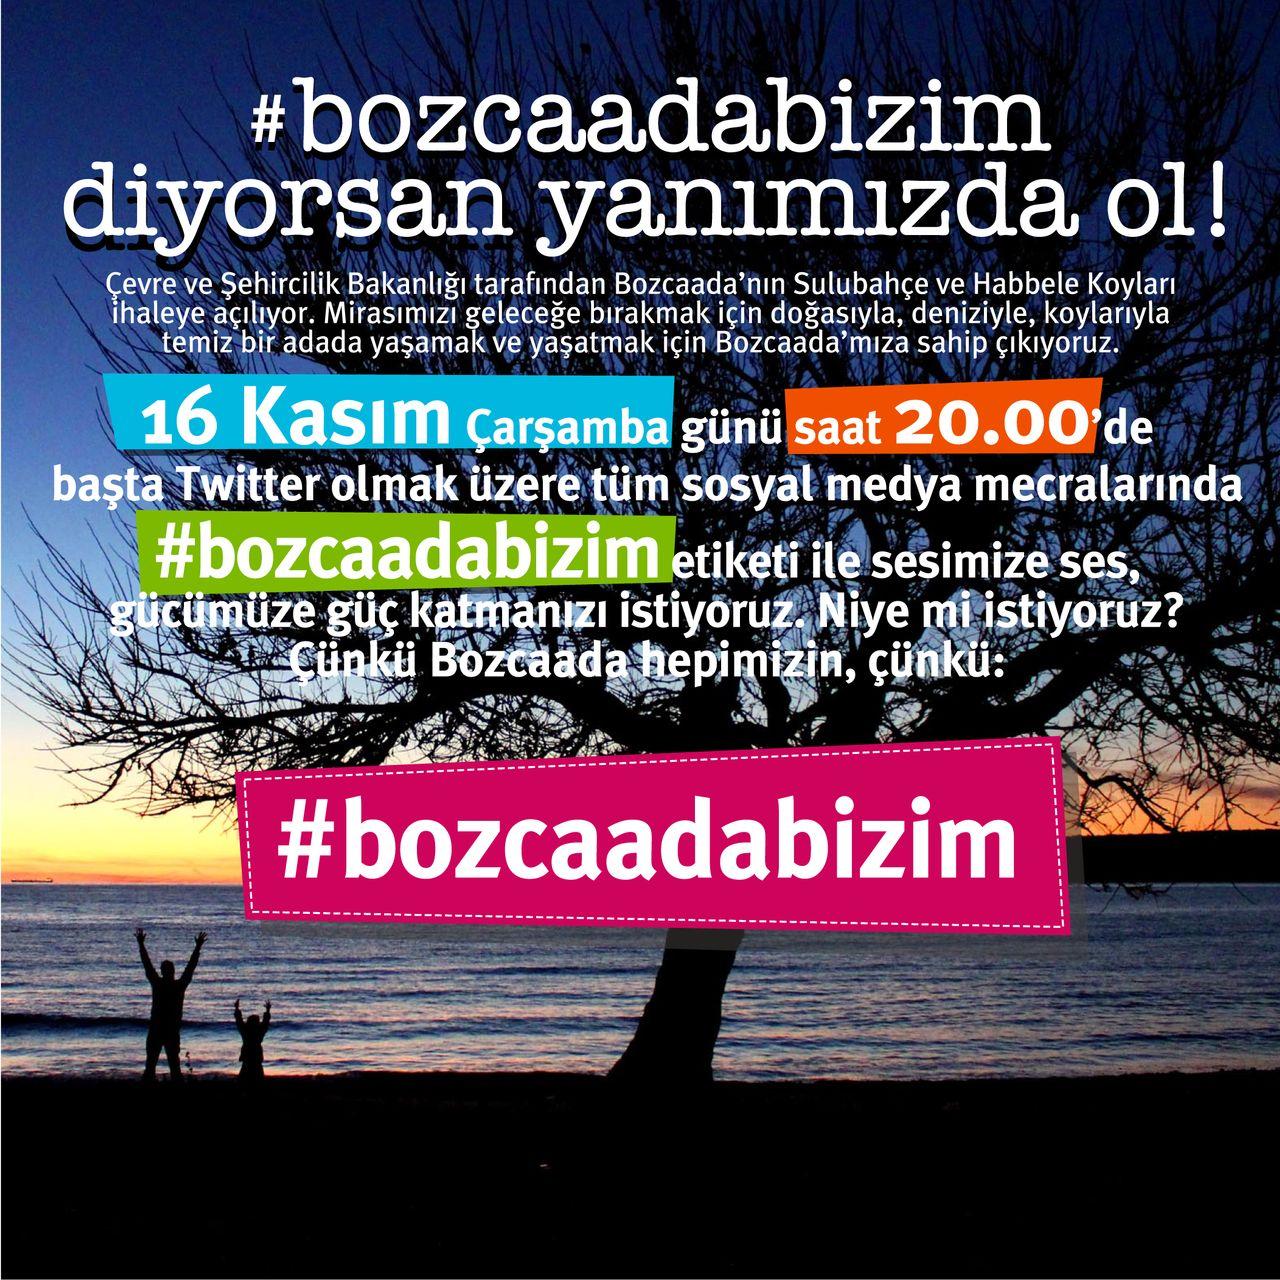 Bozcaada Forum desteğe çağırıyor: #BozcaadaBizim